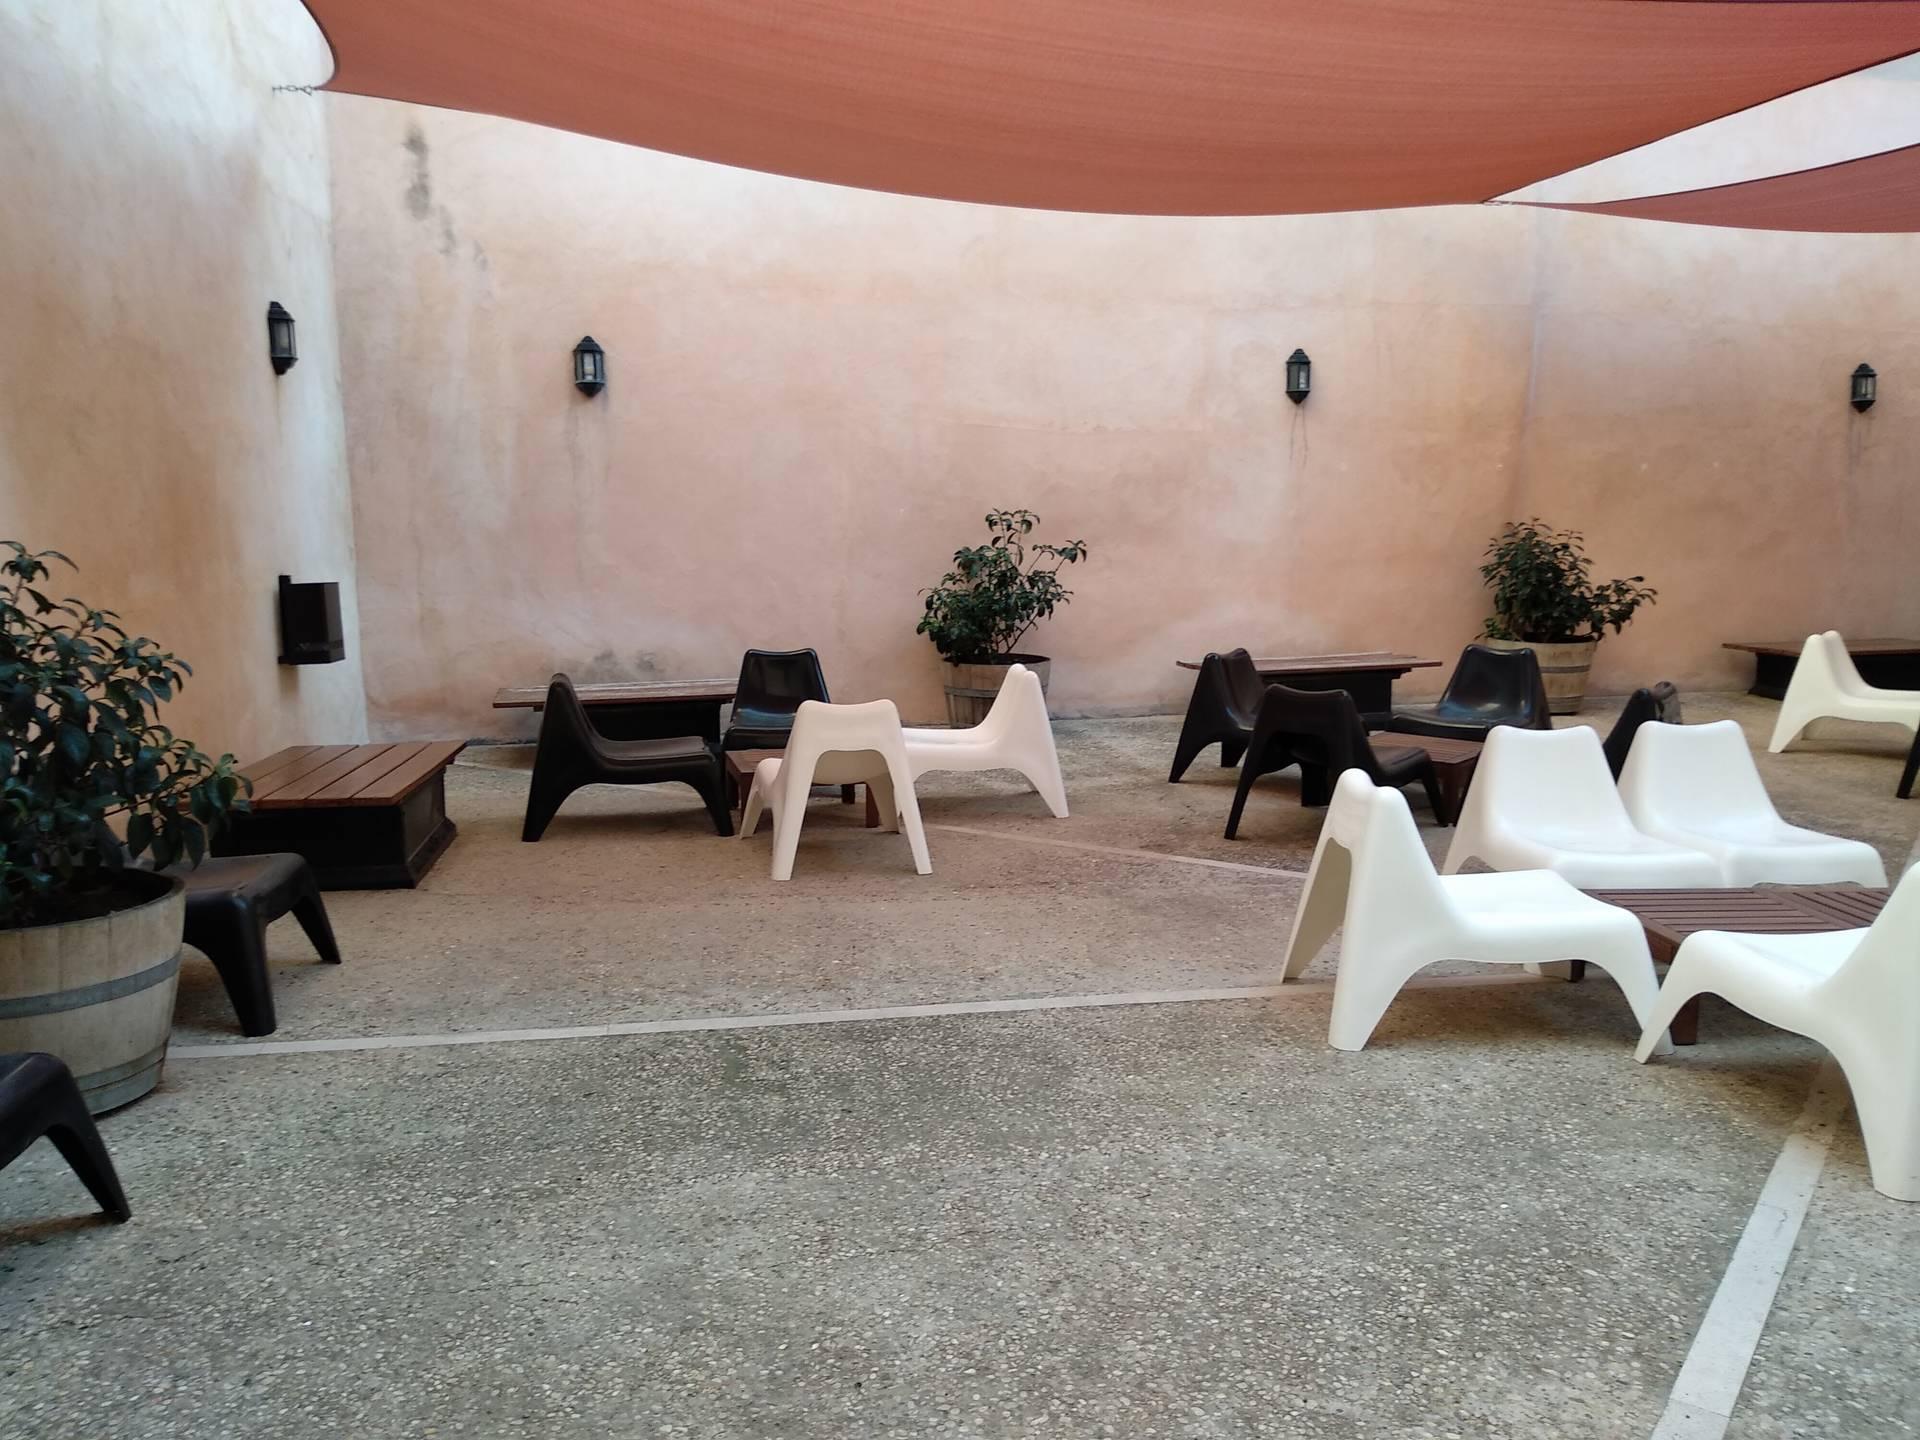 Hoteles para solteros Mallorca dasha